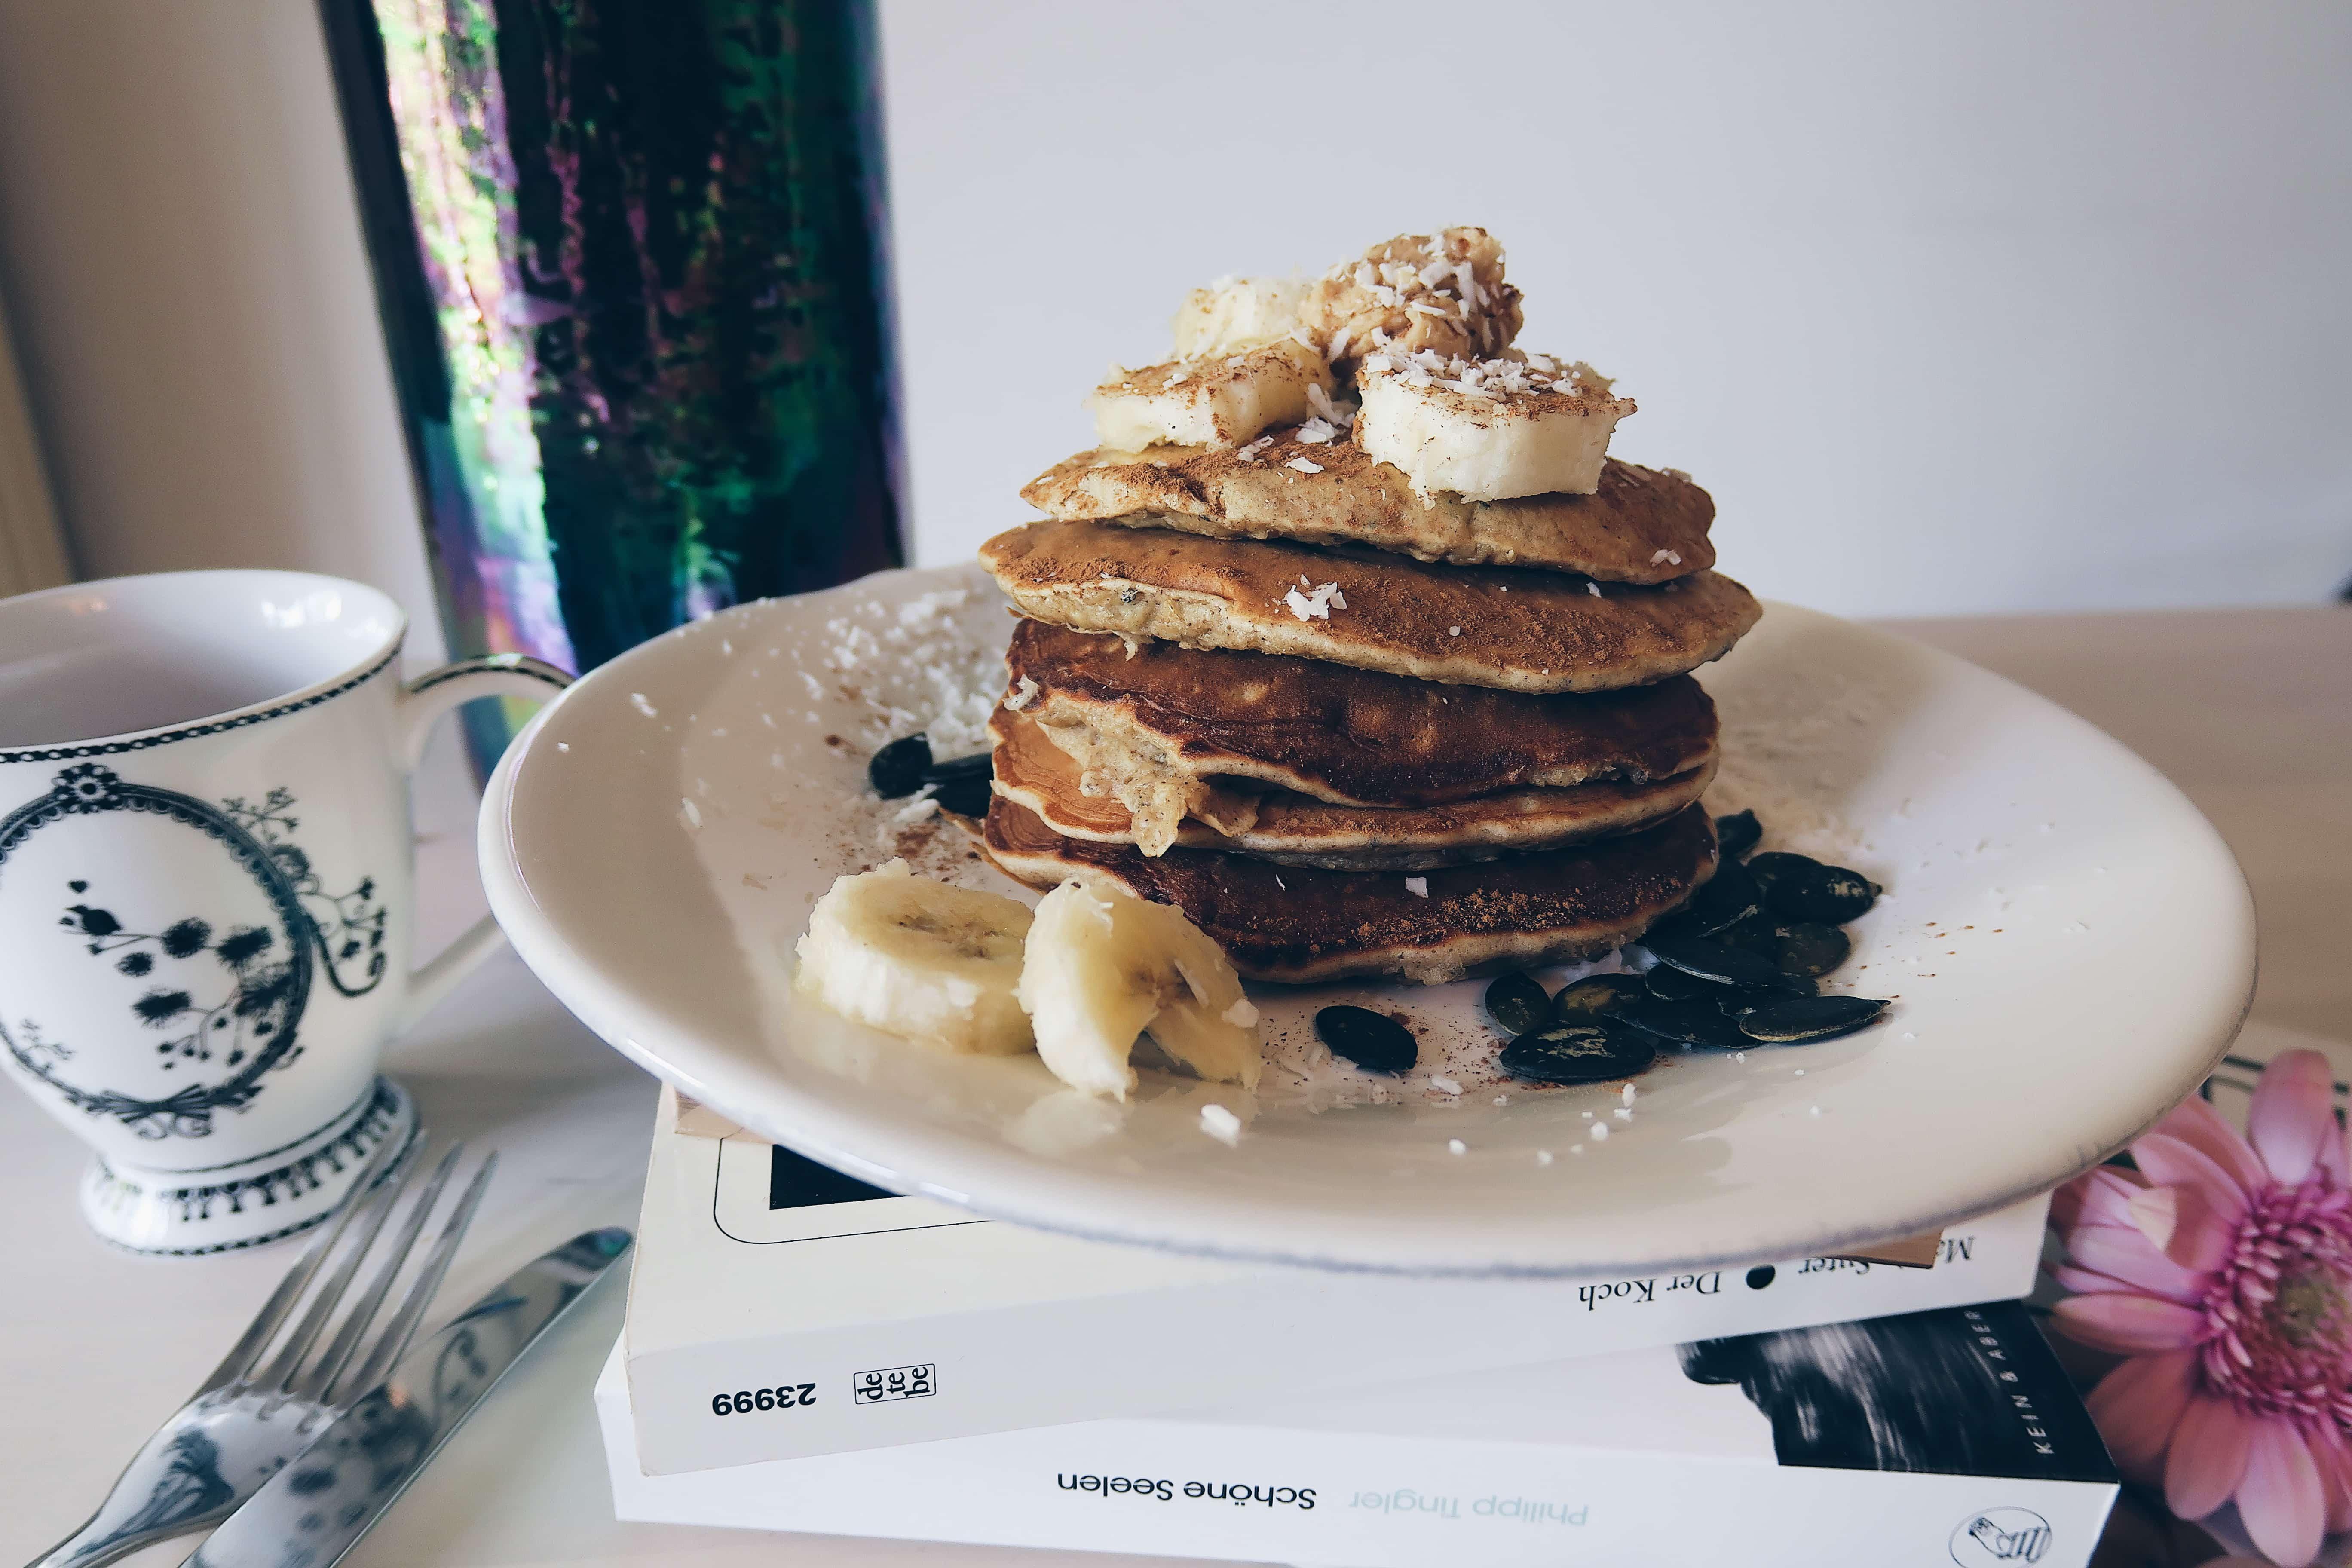 Schweizer Food Blog